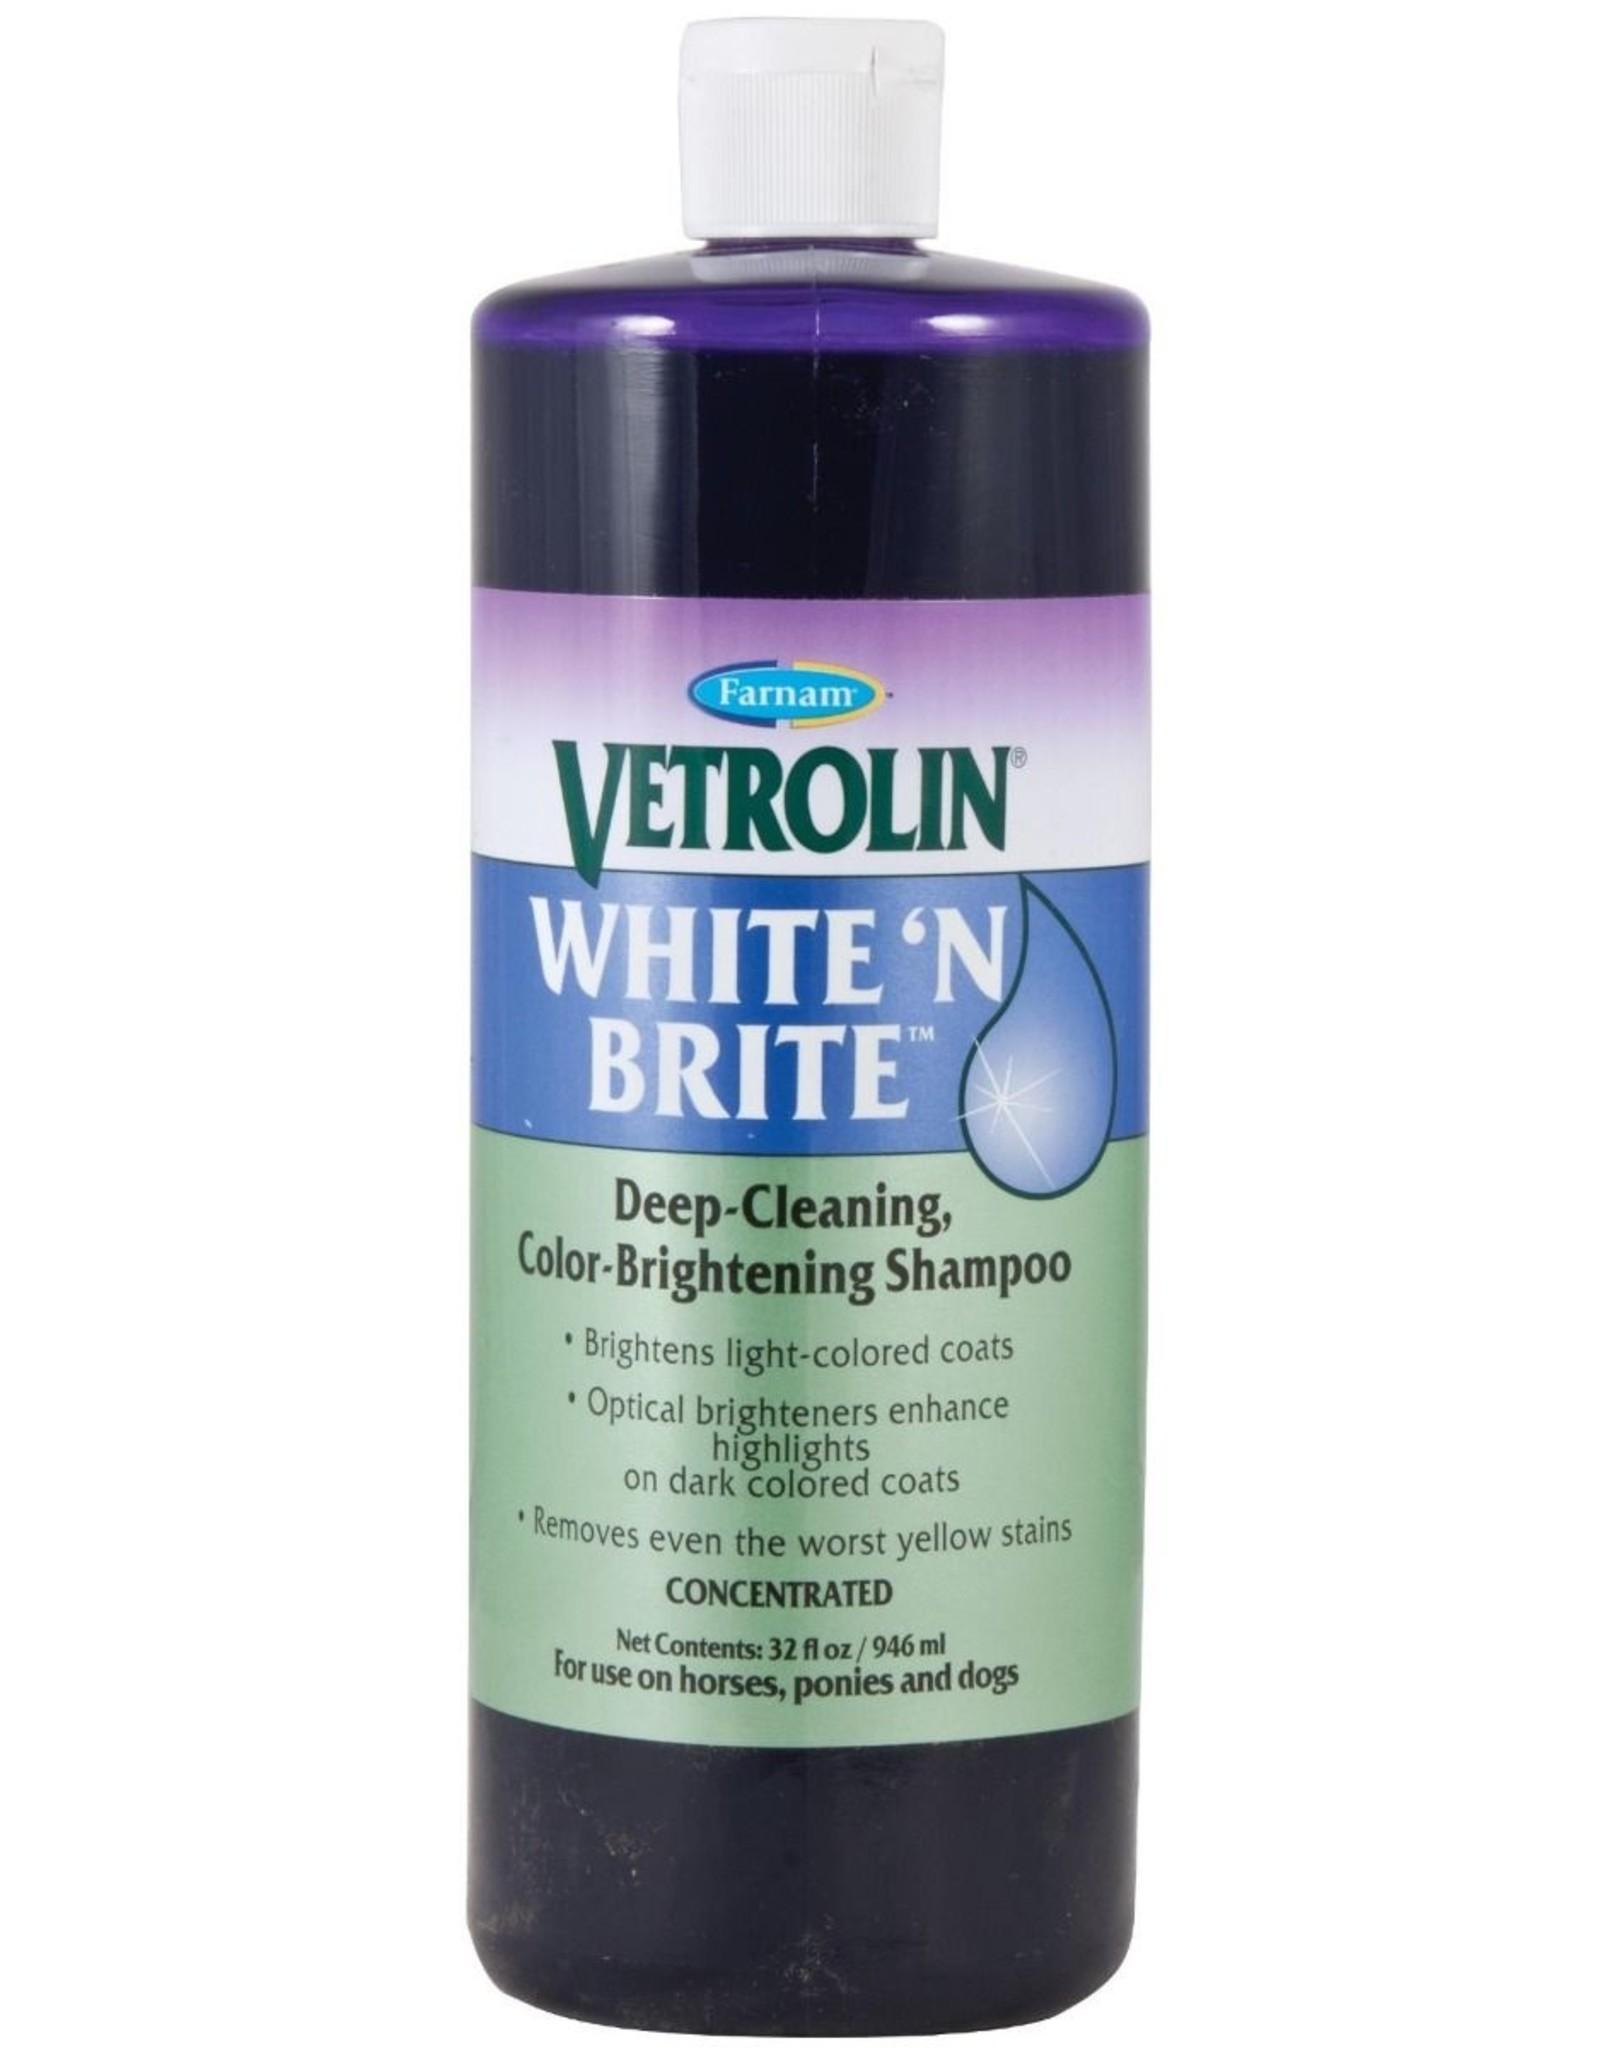 Farnam Vetrolin White 'n Brite